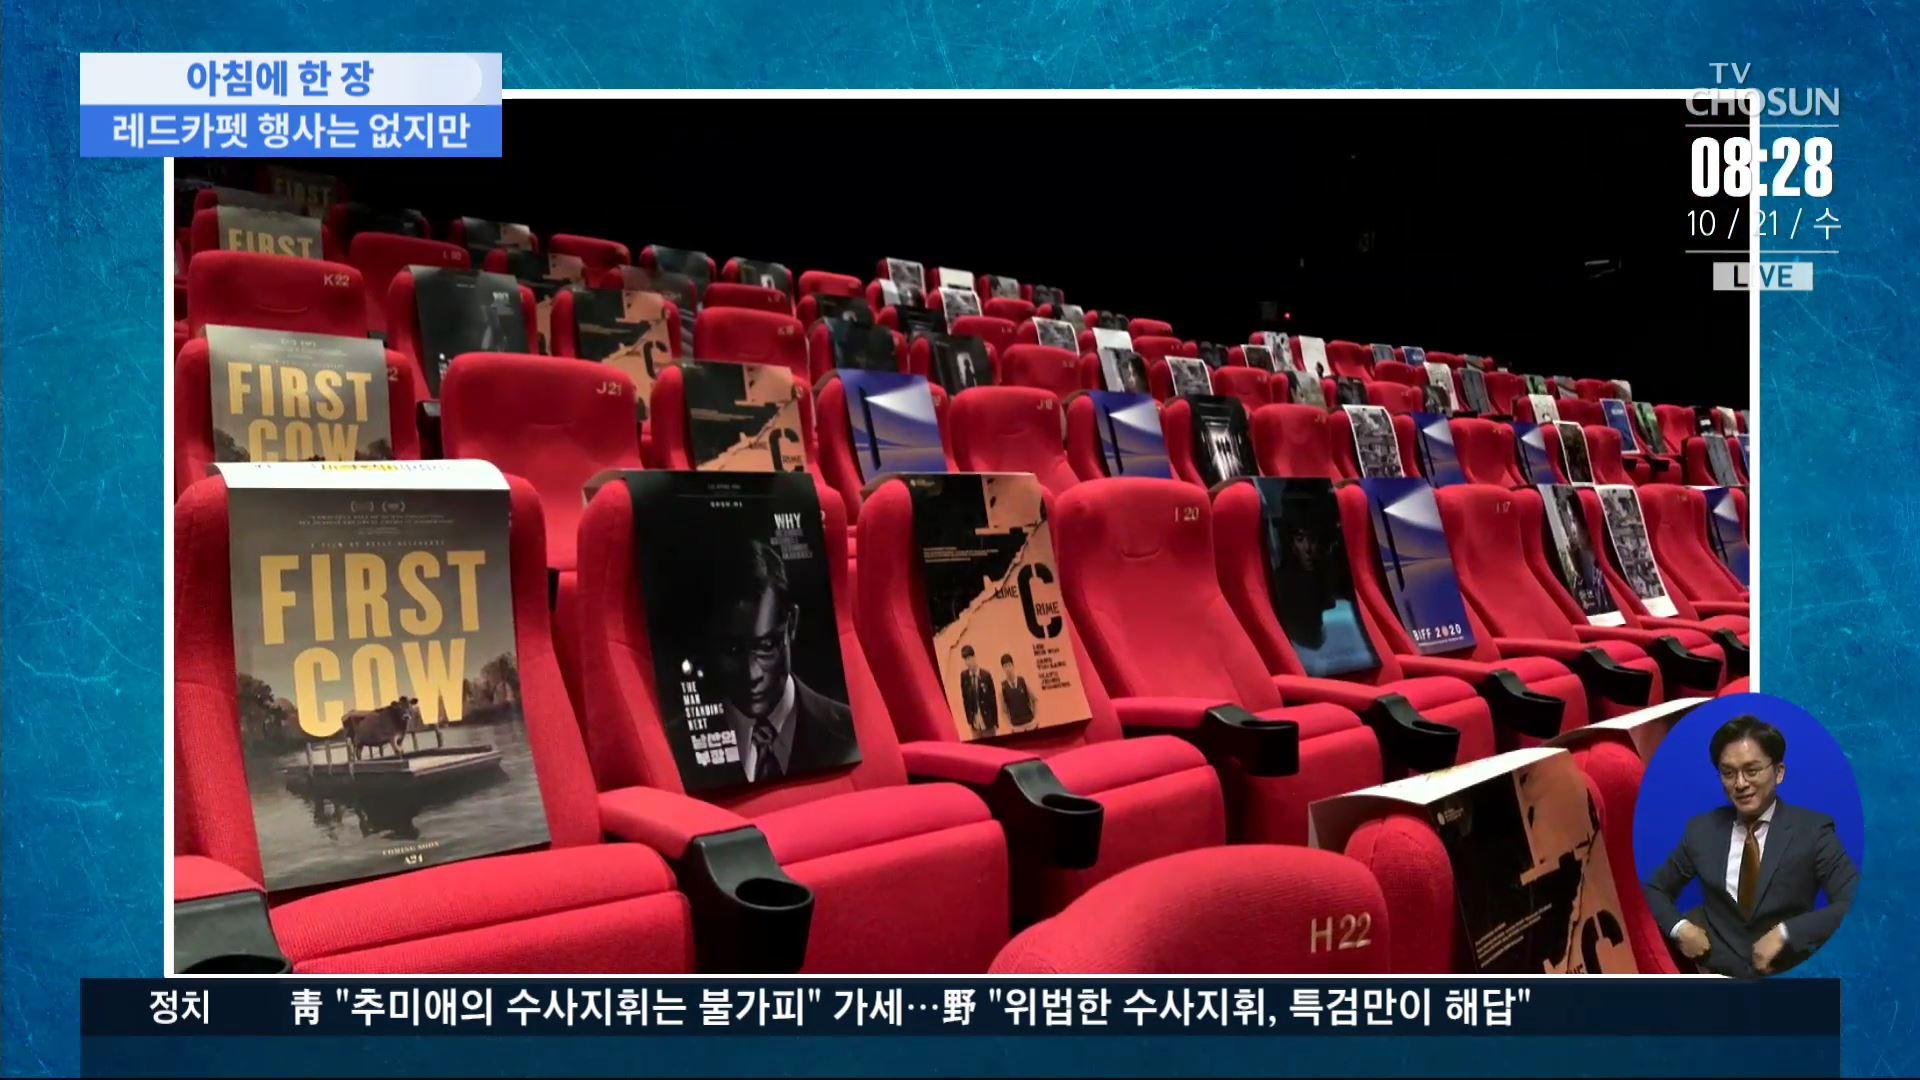 [아침에 한 장] 레드카펫 없는 '부산국제영화제' 개막